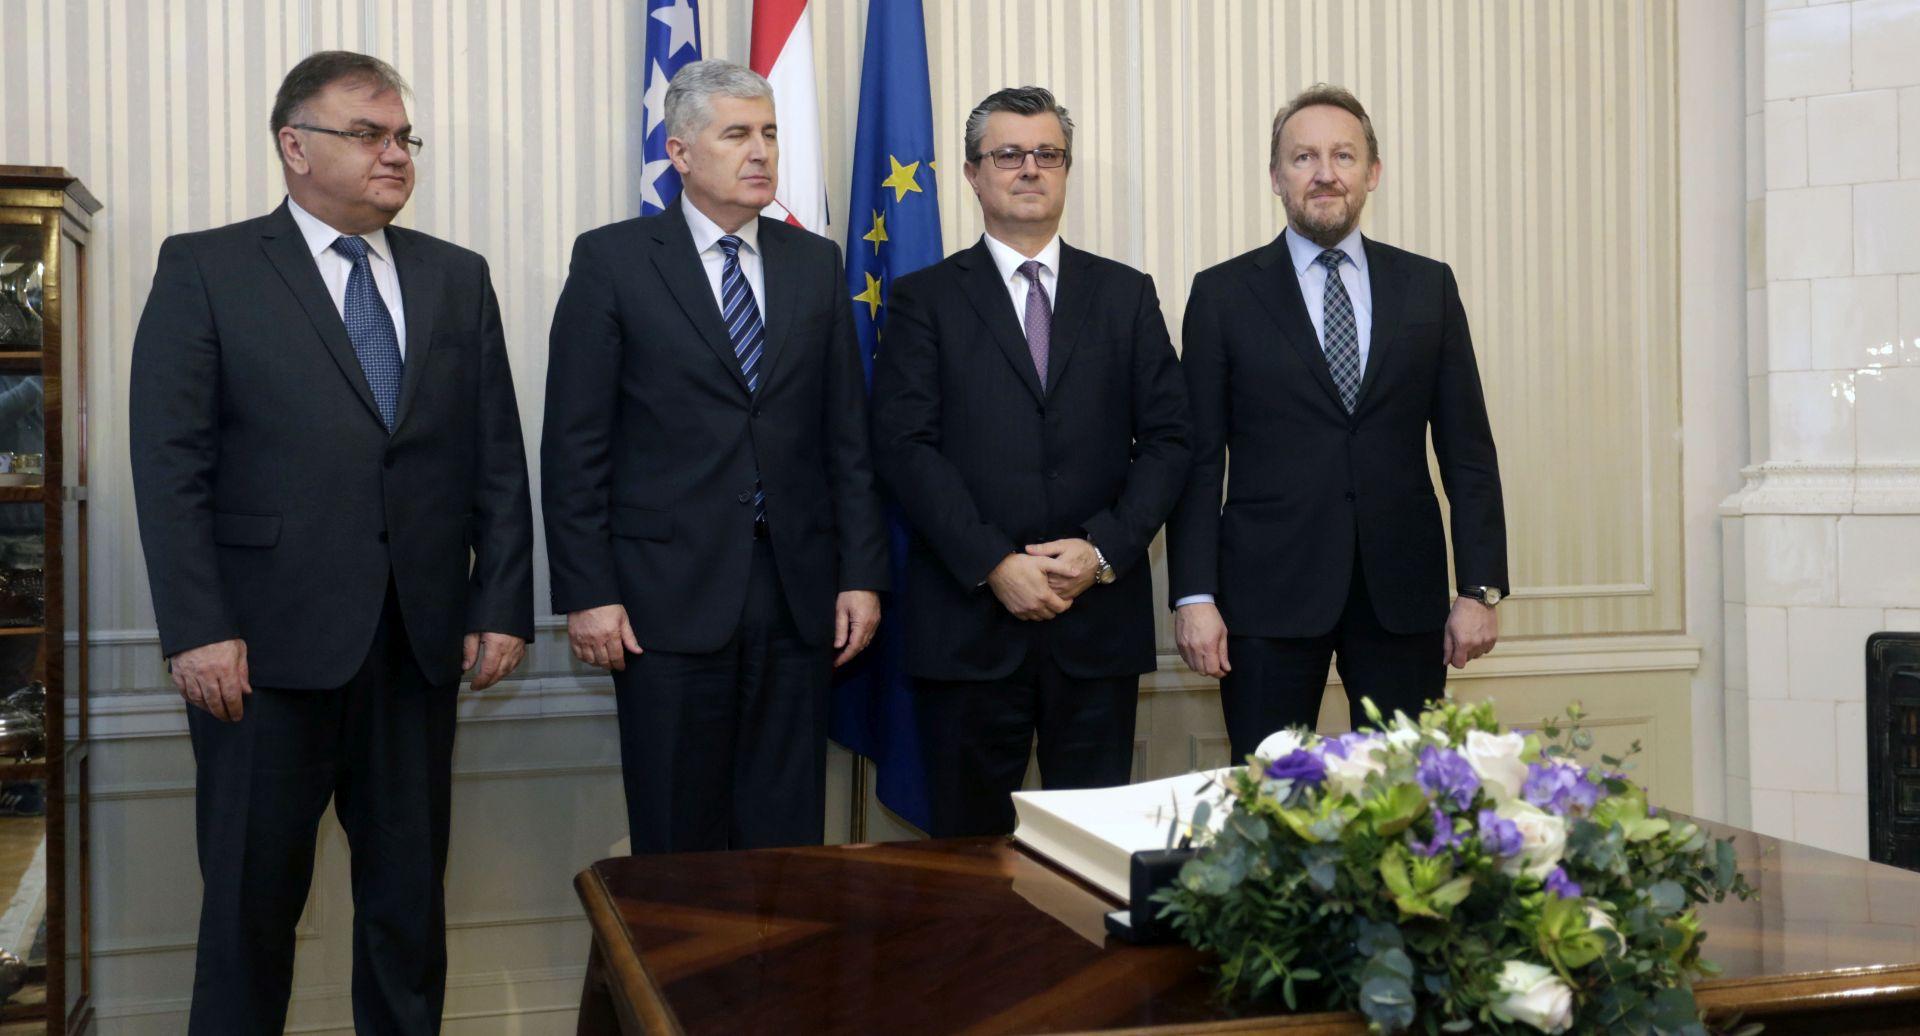 Premijer Orešković: Potpora putu BiH prema euroatlantskim integracijama